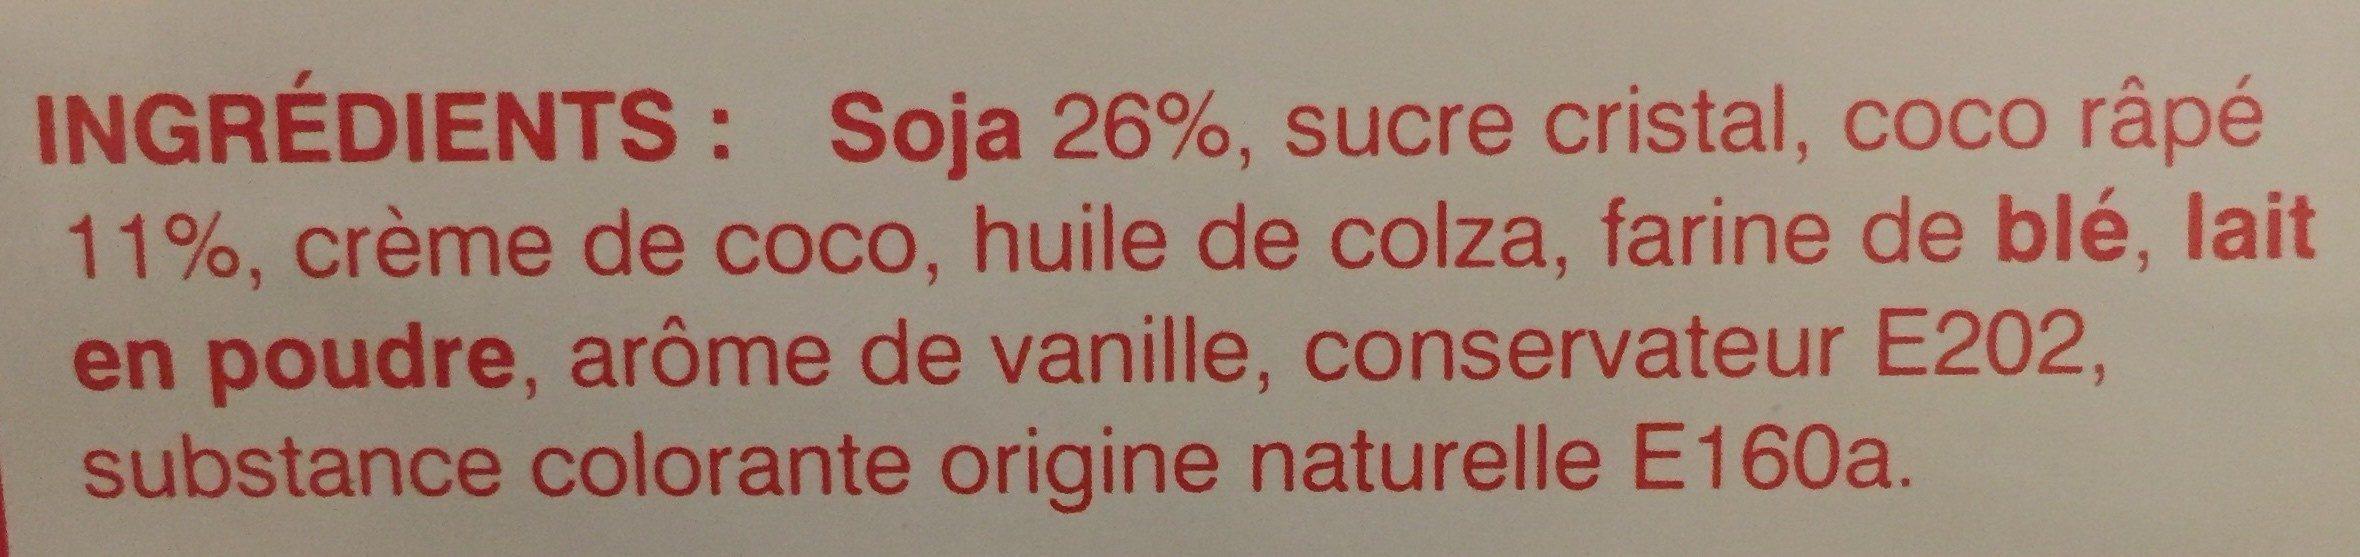 Gâteaux à la crème de soja et à la pâte de coco - Ingredients